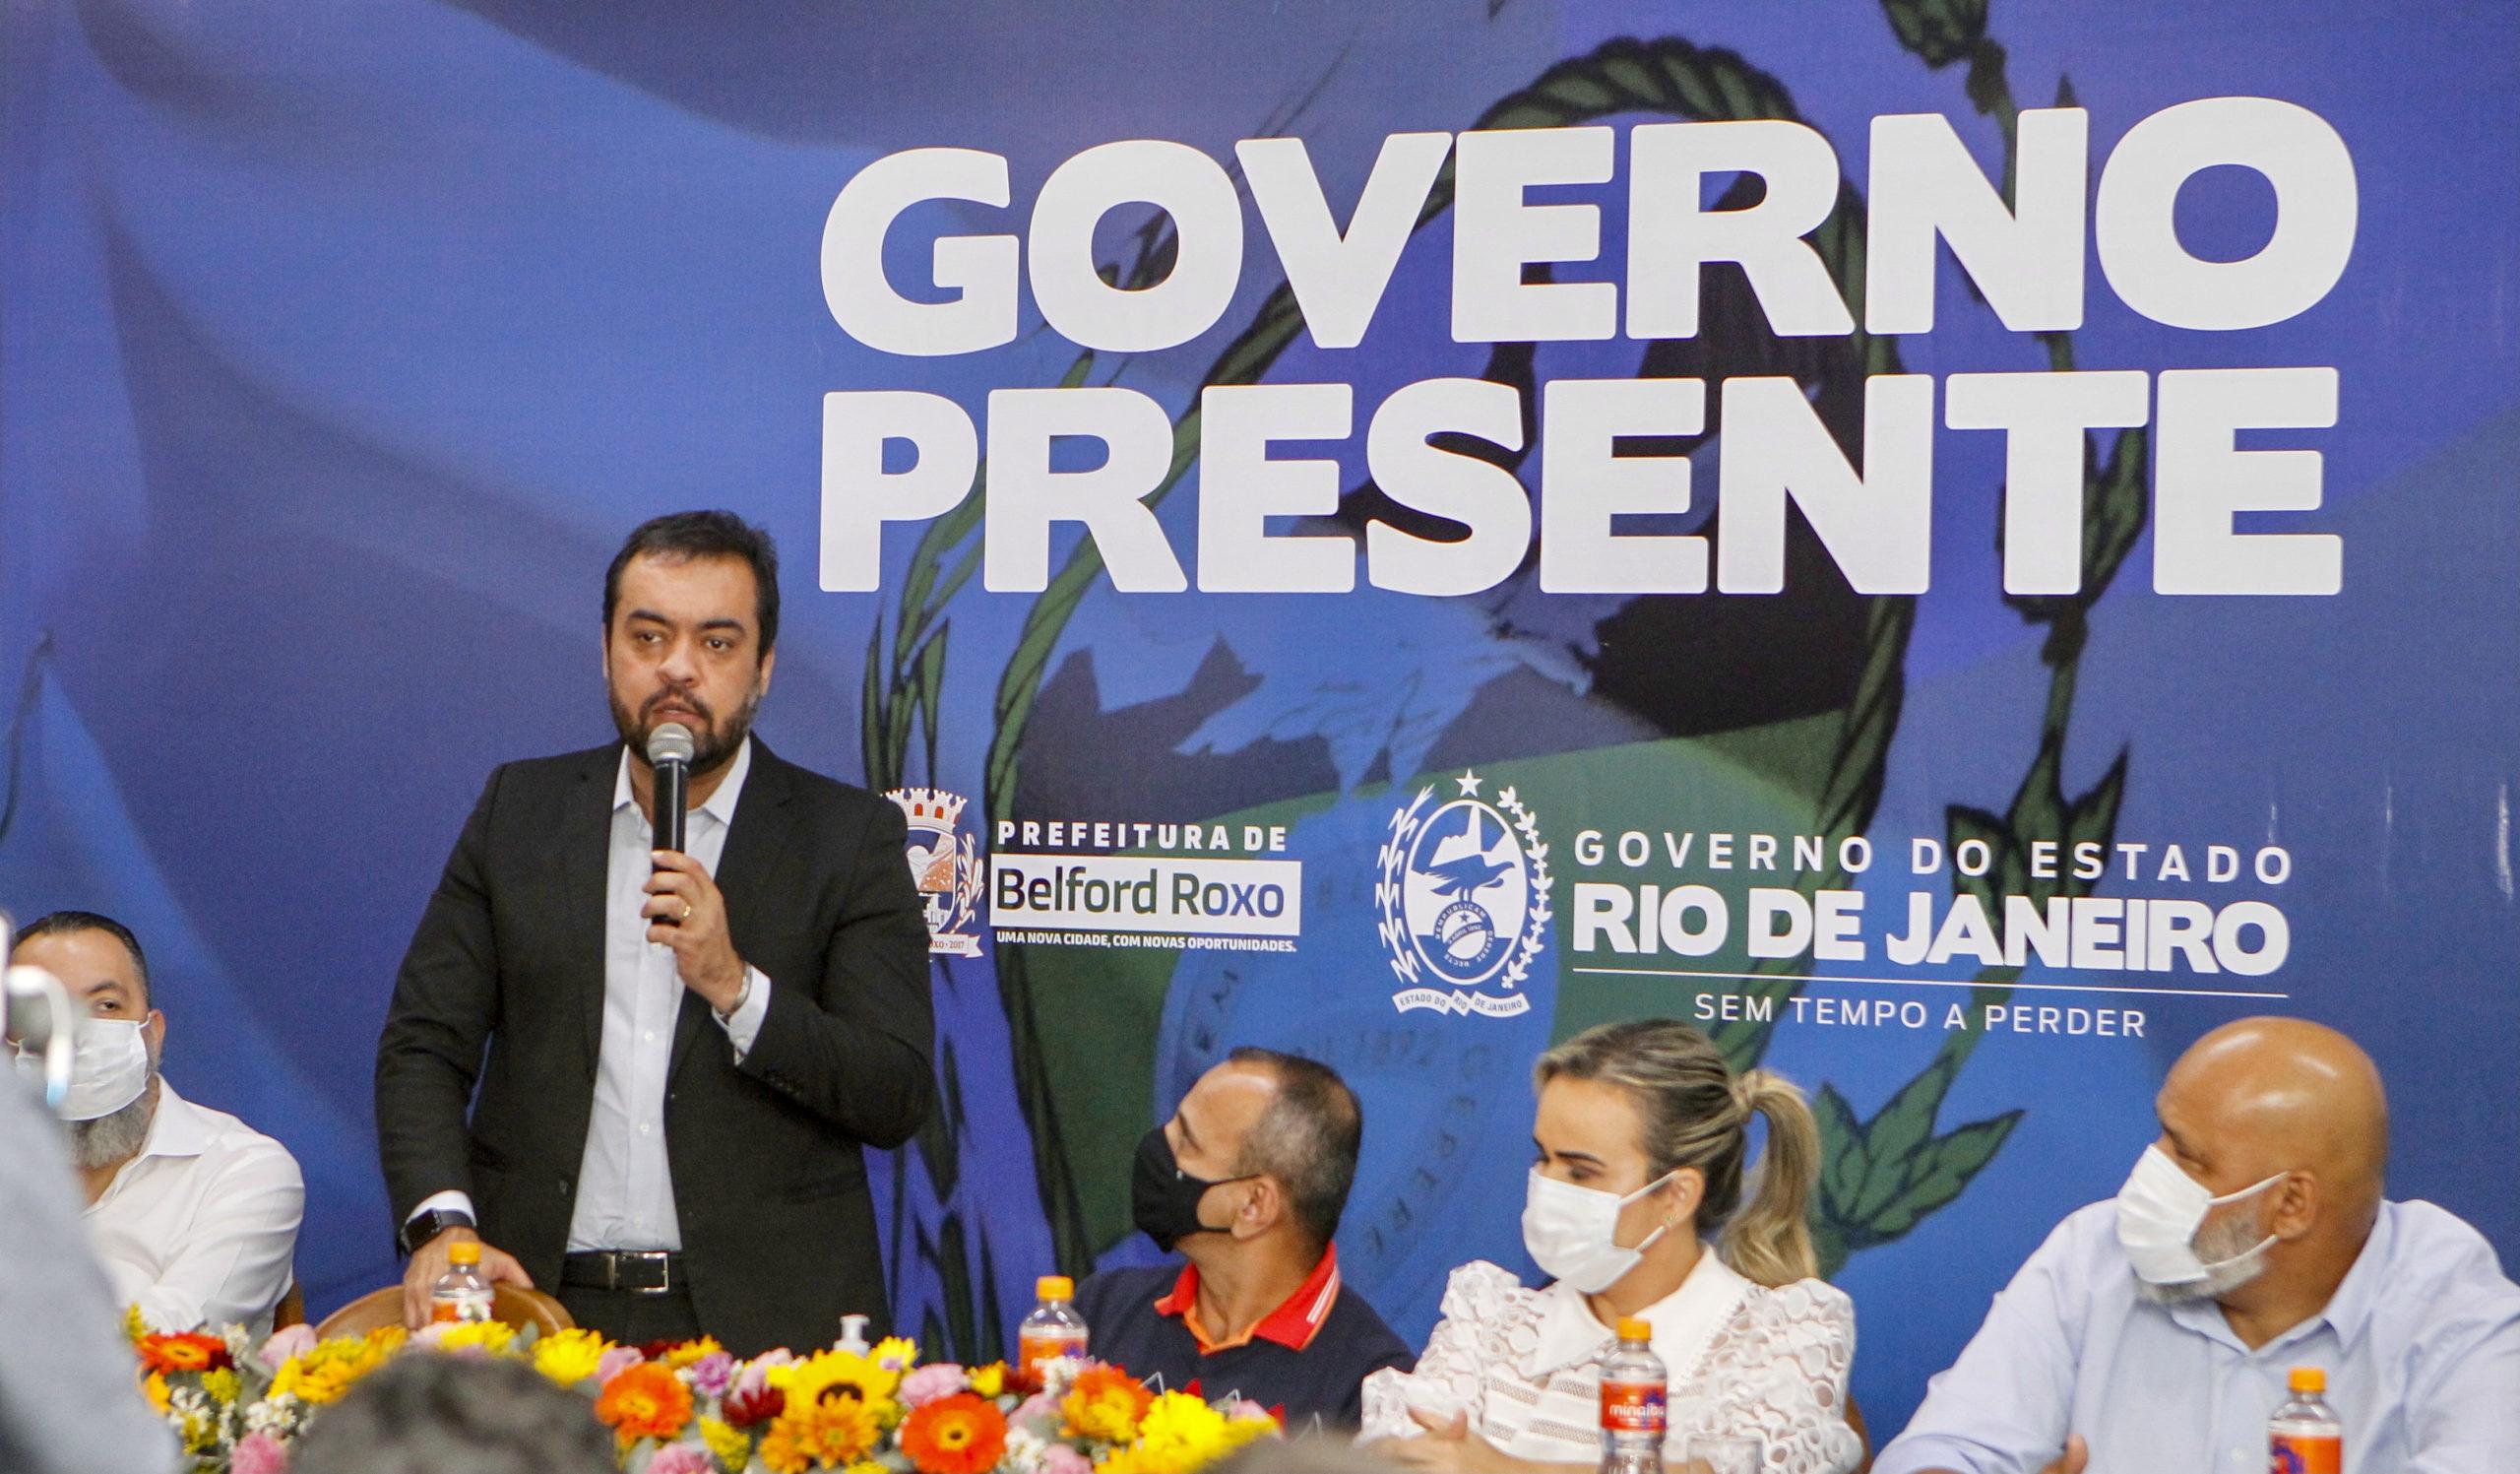 Imagem do Cláudio Castro e outras pessoas